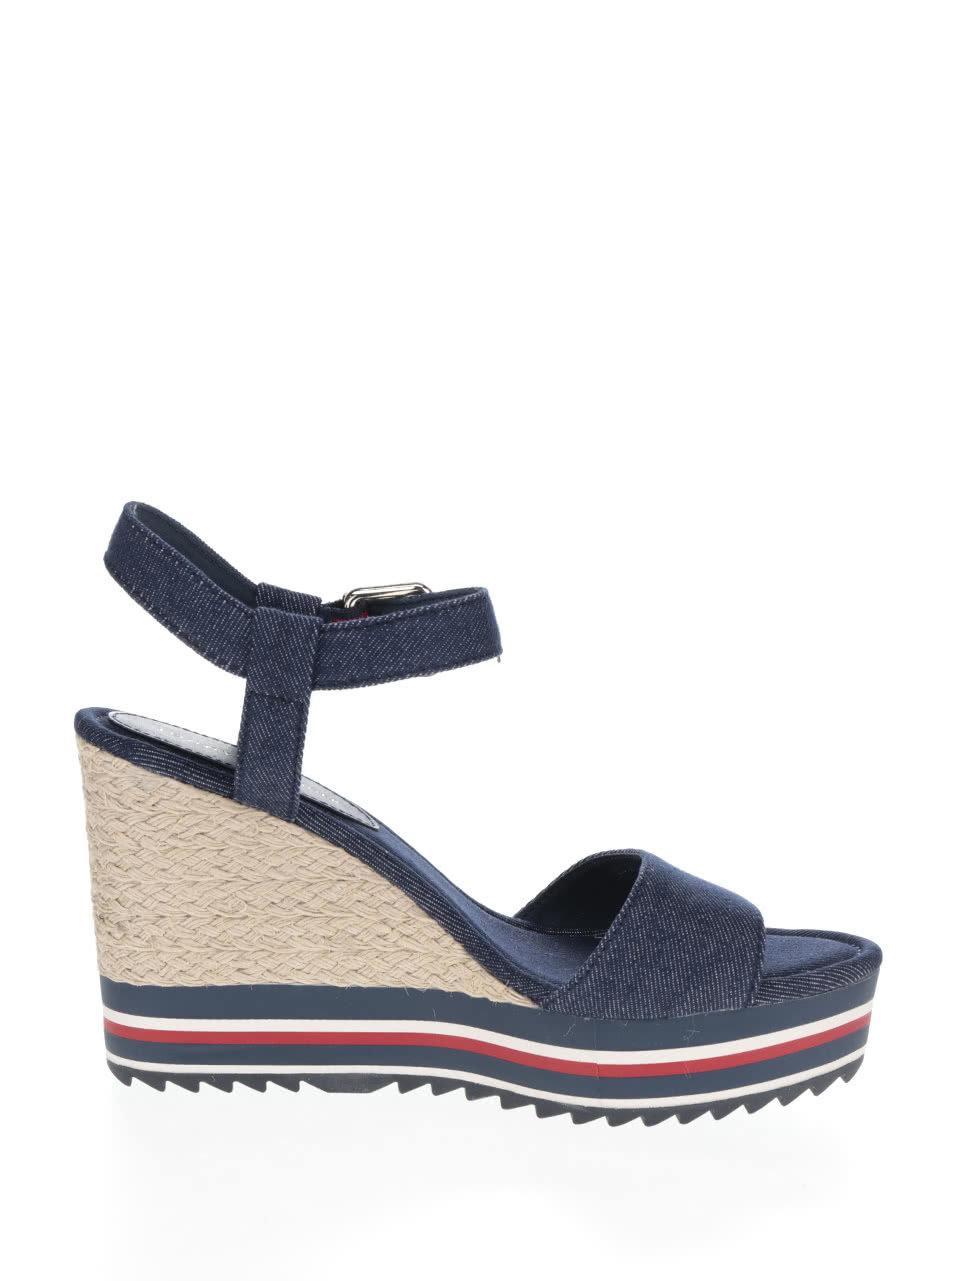 Modré dámské sandály na klínku Tommy Hilfiger ... e62e6ce408